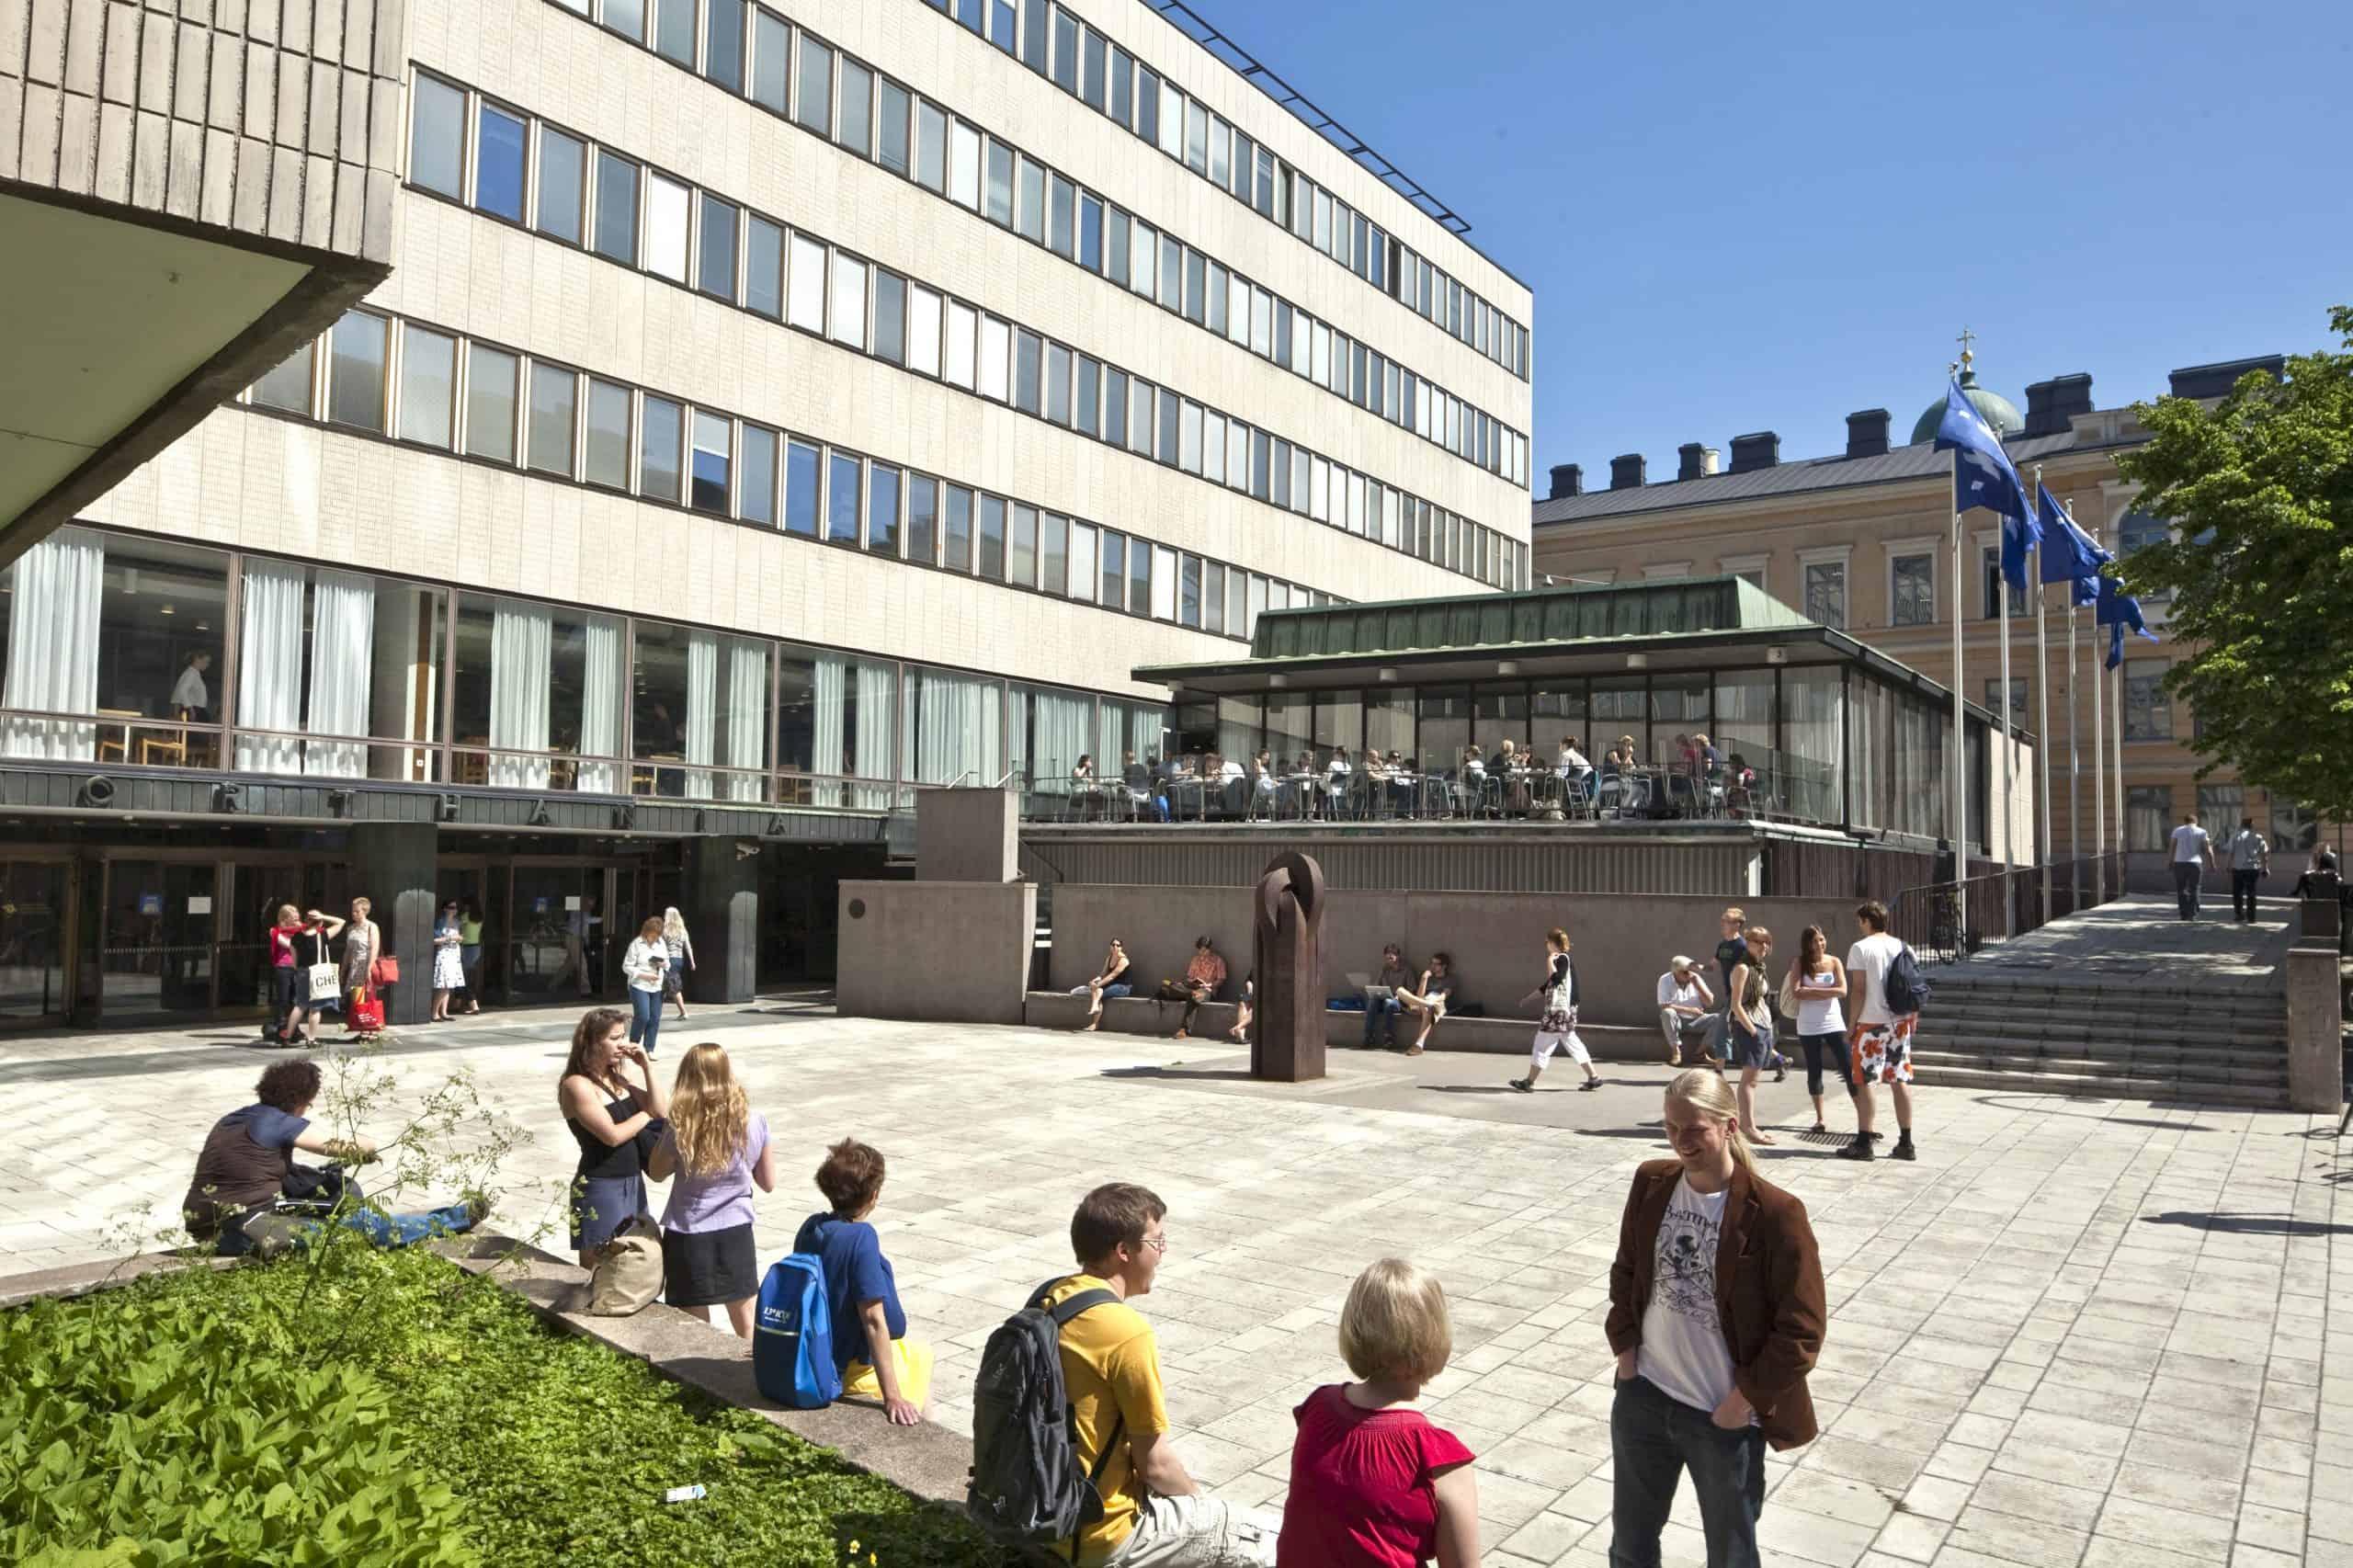 Porthania Building